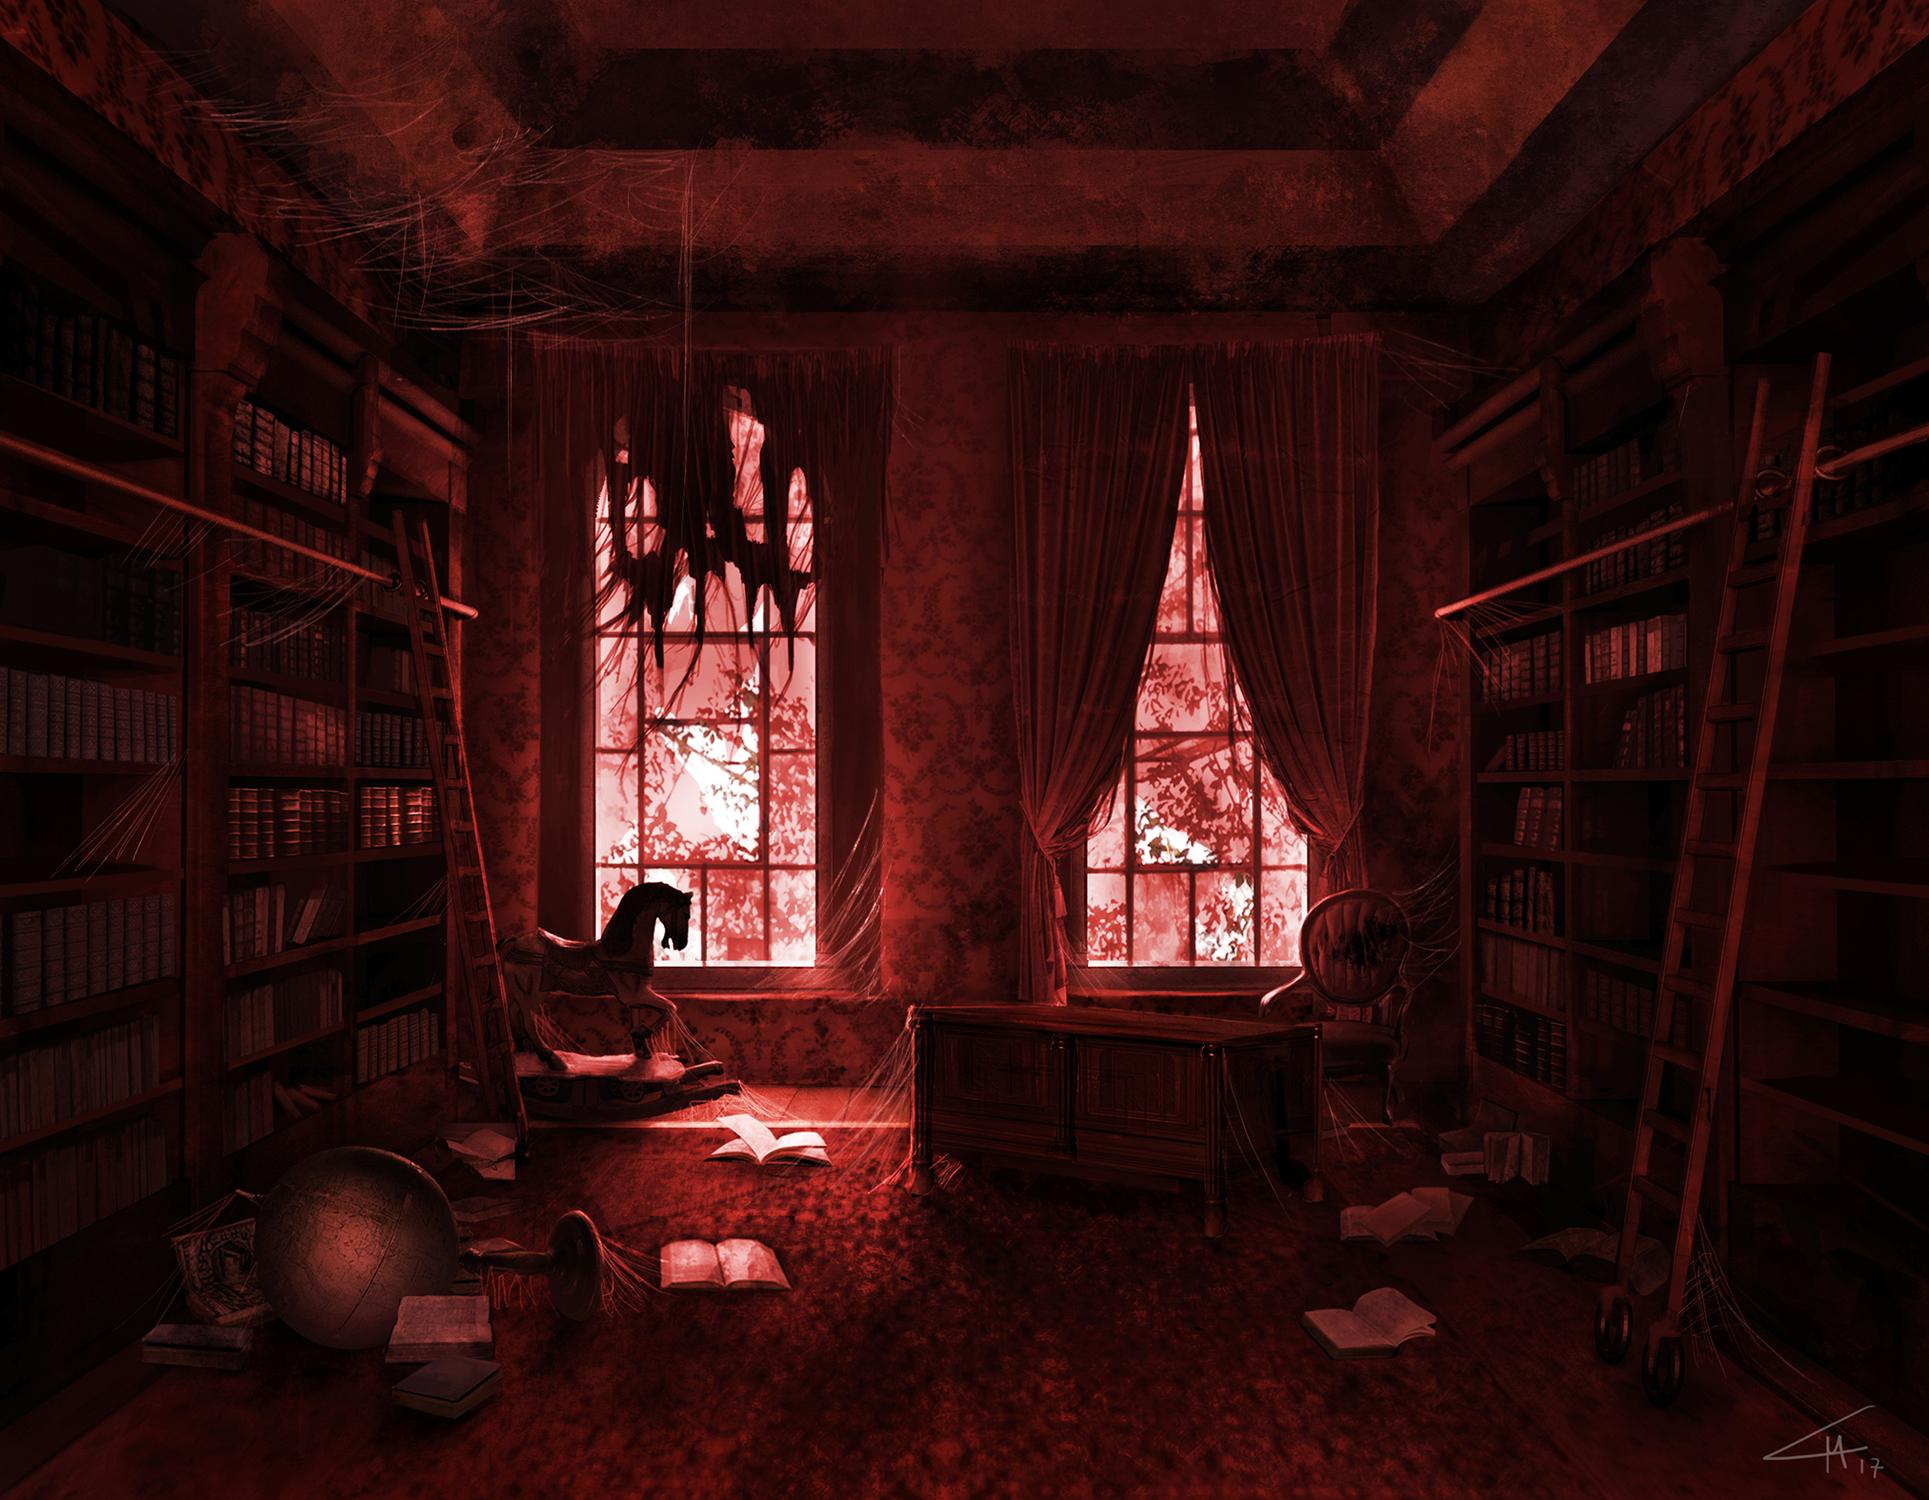 Library Artwork by Luca Maria Mastrantonio